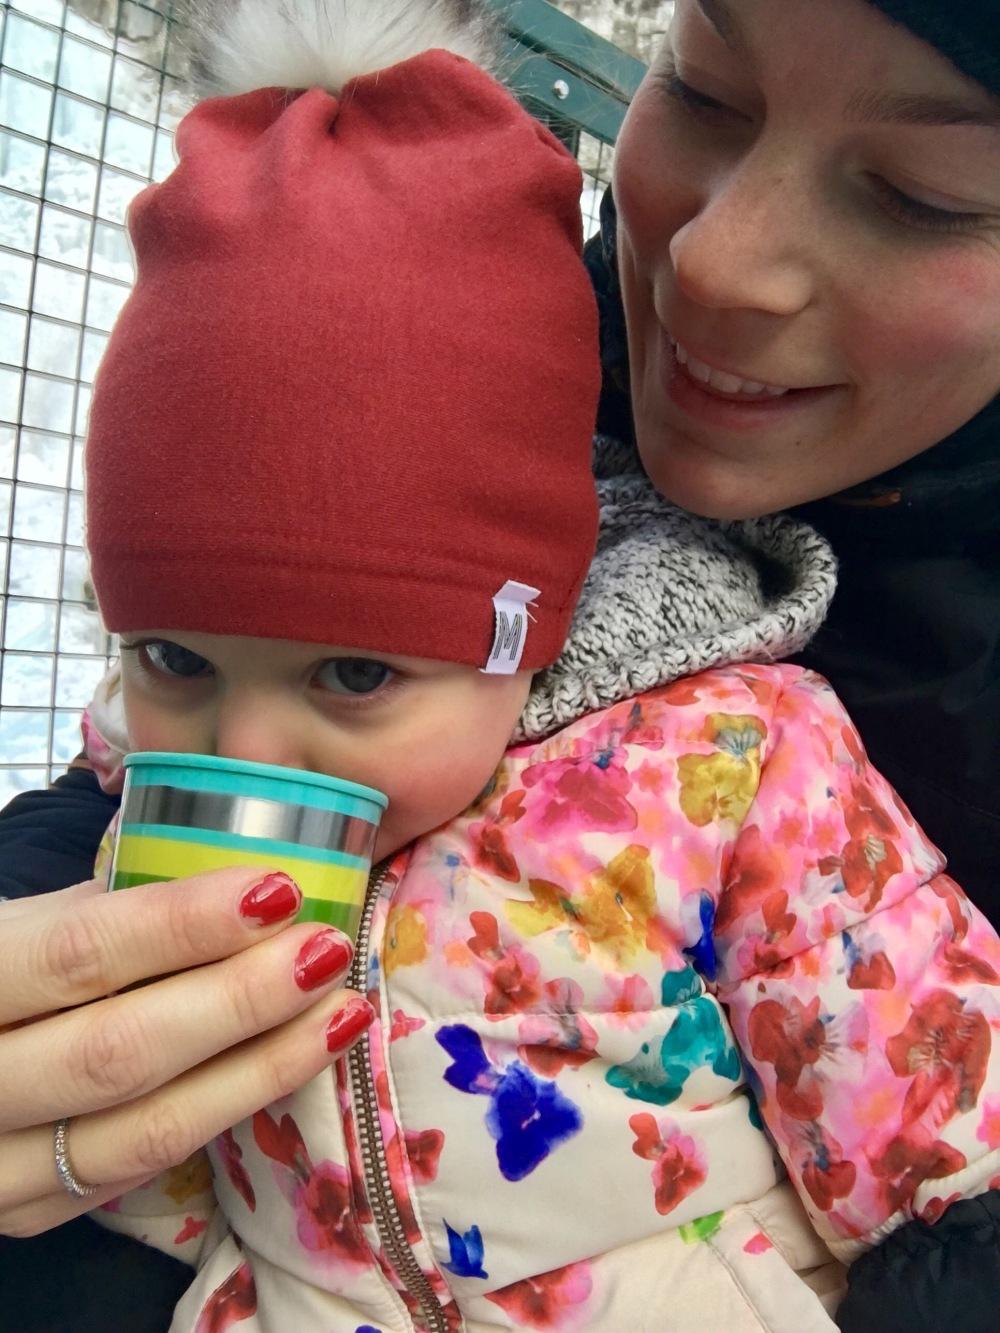 Hot chocolate break baby